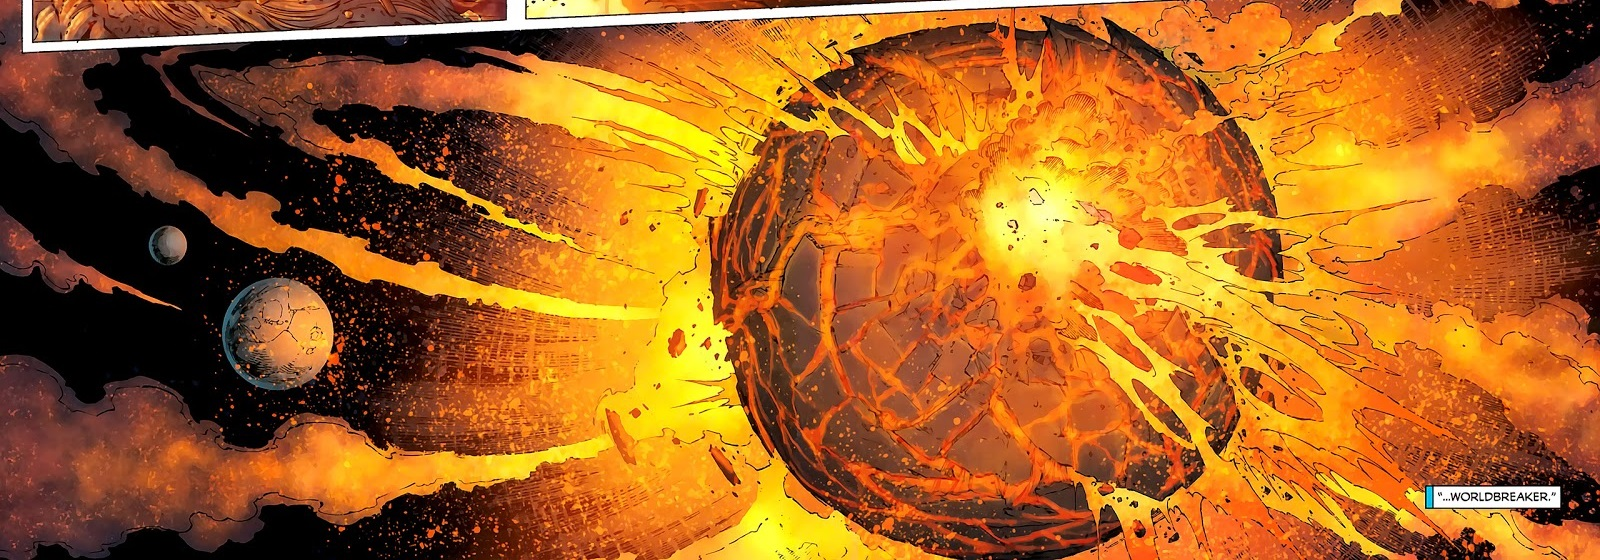 world breaker hulk destroys planet